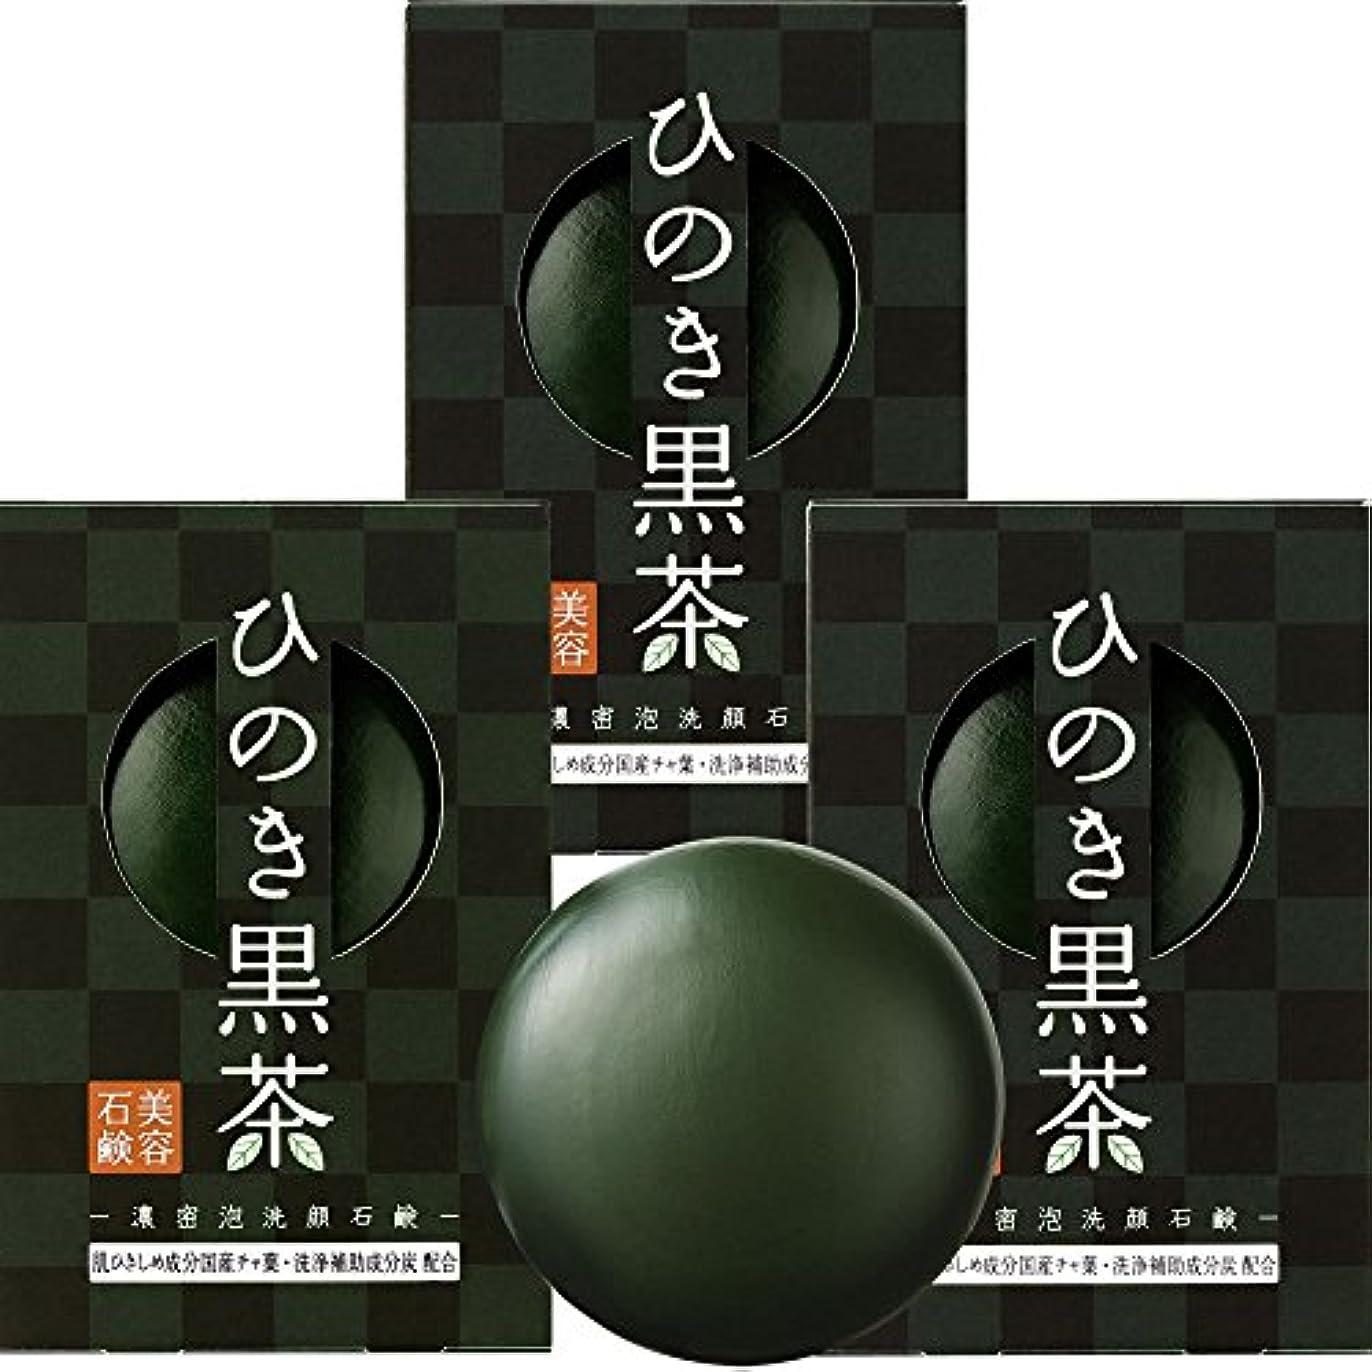 マーティンルーサーキングジュニアフィードバック創造ひのき黒茶石鹸 (80g×3個) [保湿成分配合] ヒアルロン酸 コラーゲン